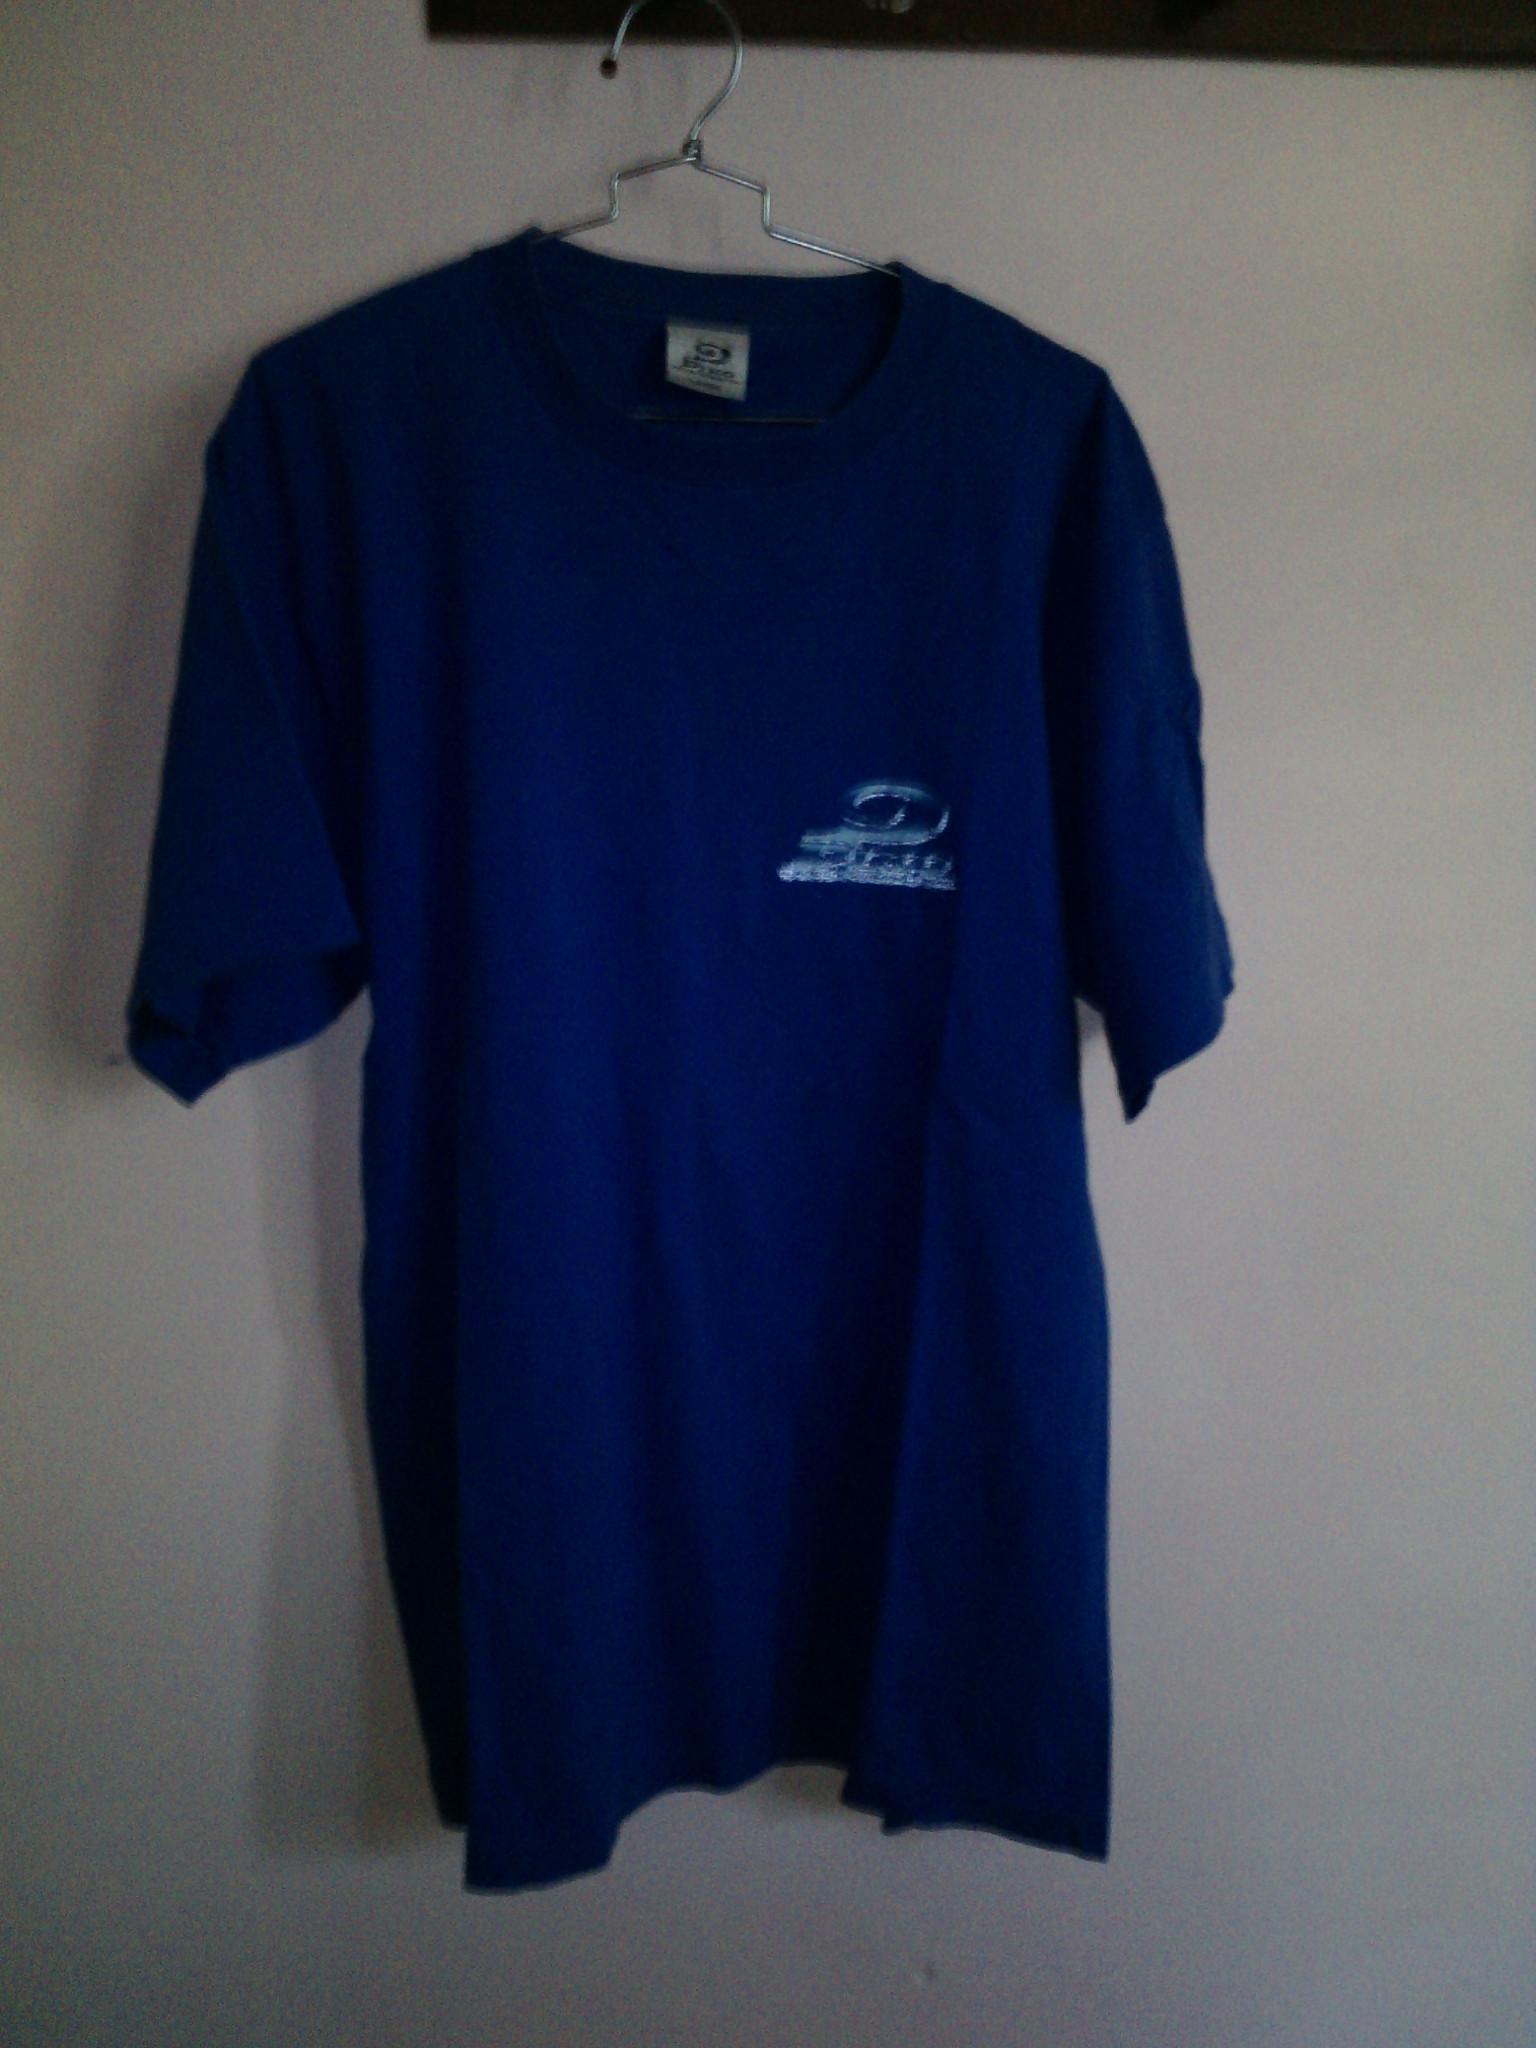 harga Jual Kaos Piko Hawaian Longboard Wear Tokopedia.com